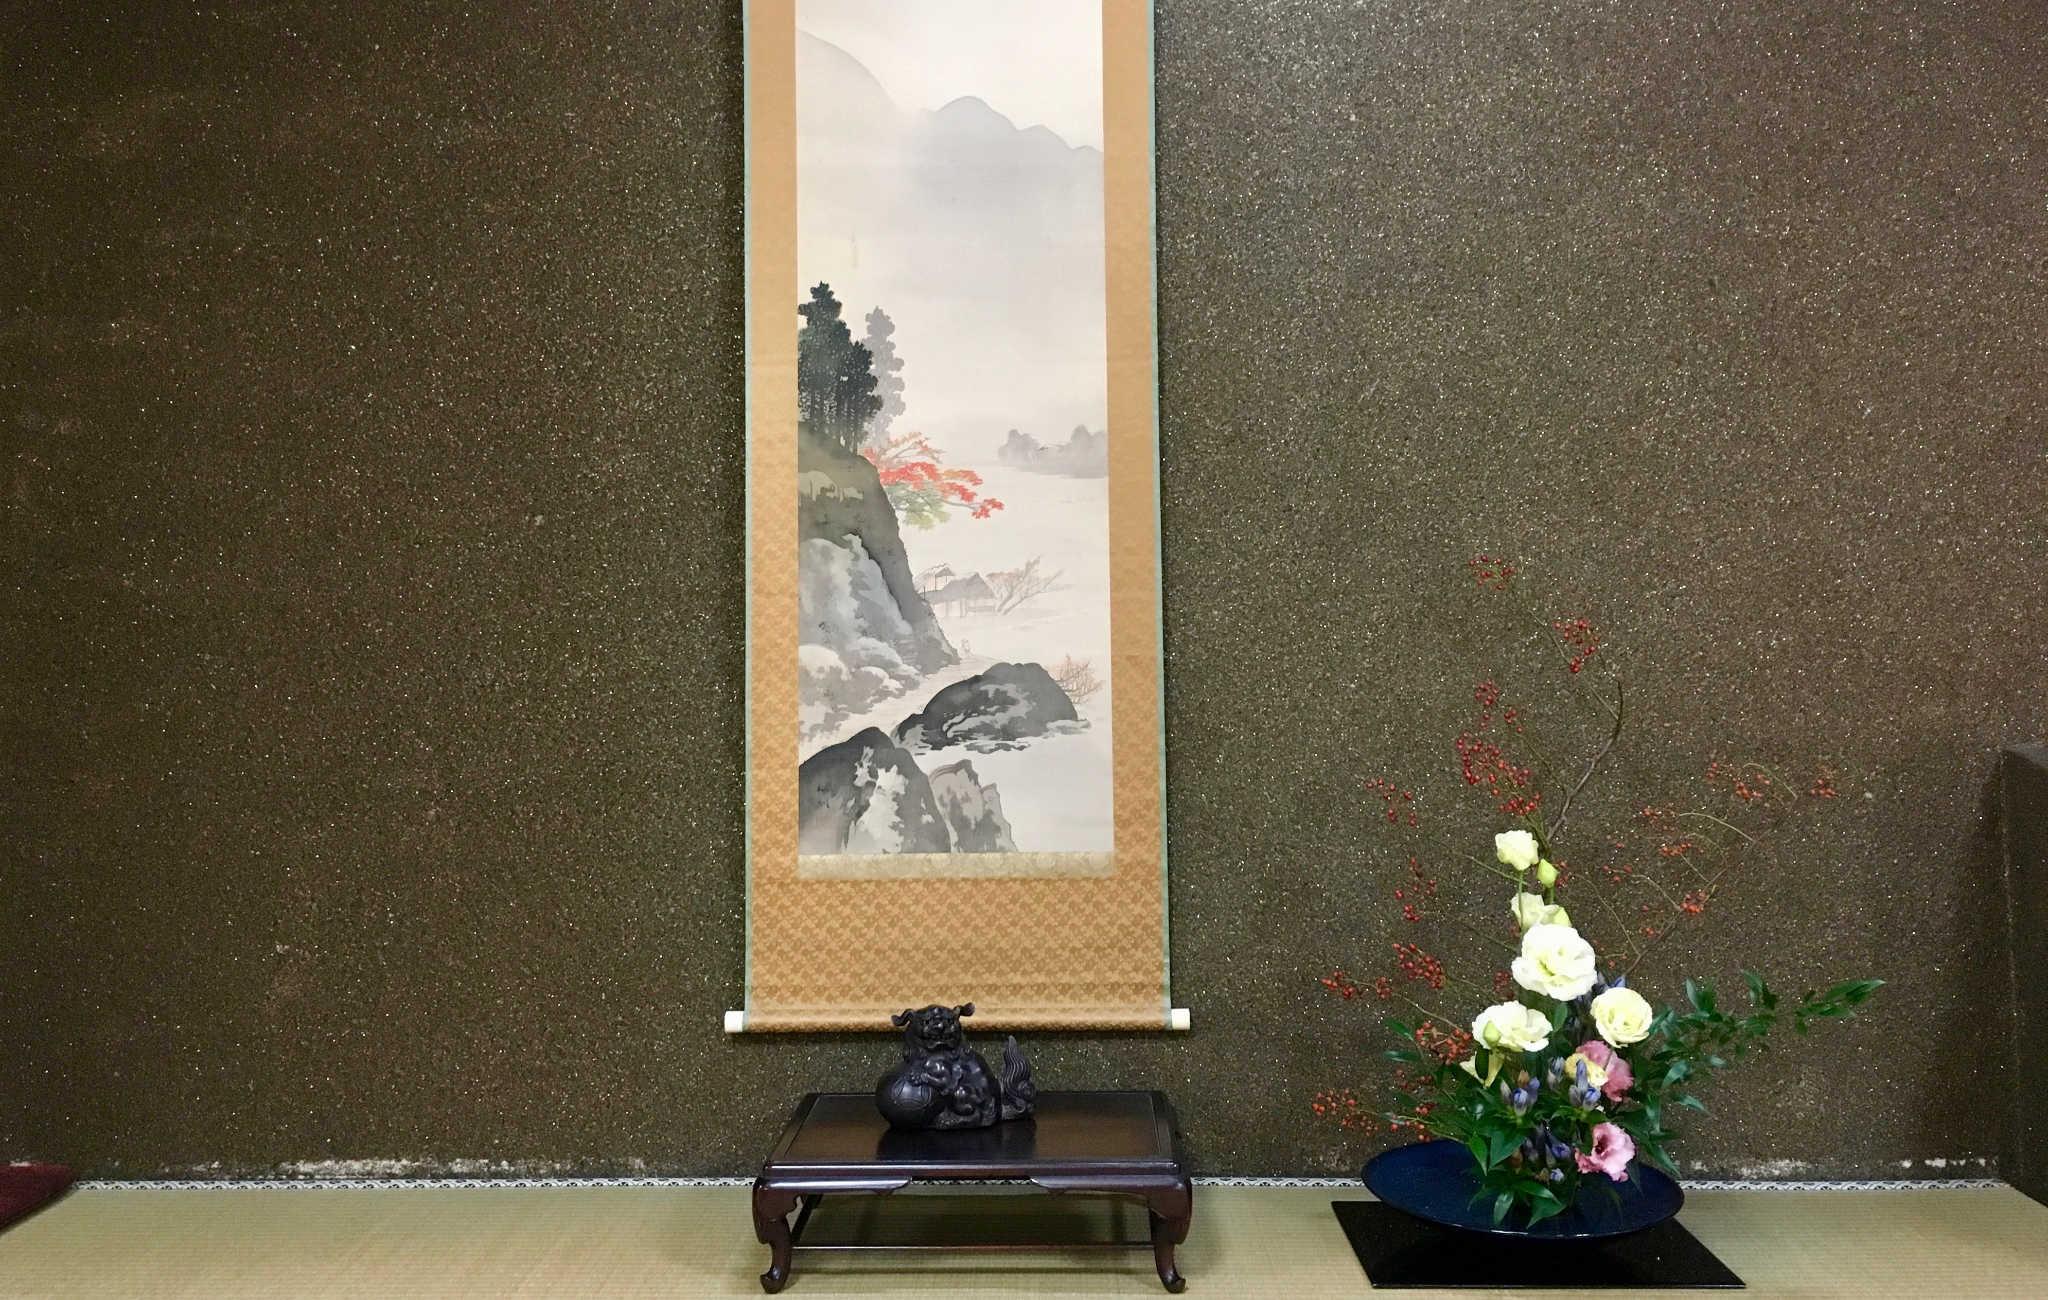 Dans un tokonoma, un kakemono avec un paysage d'automne et une composition florale